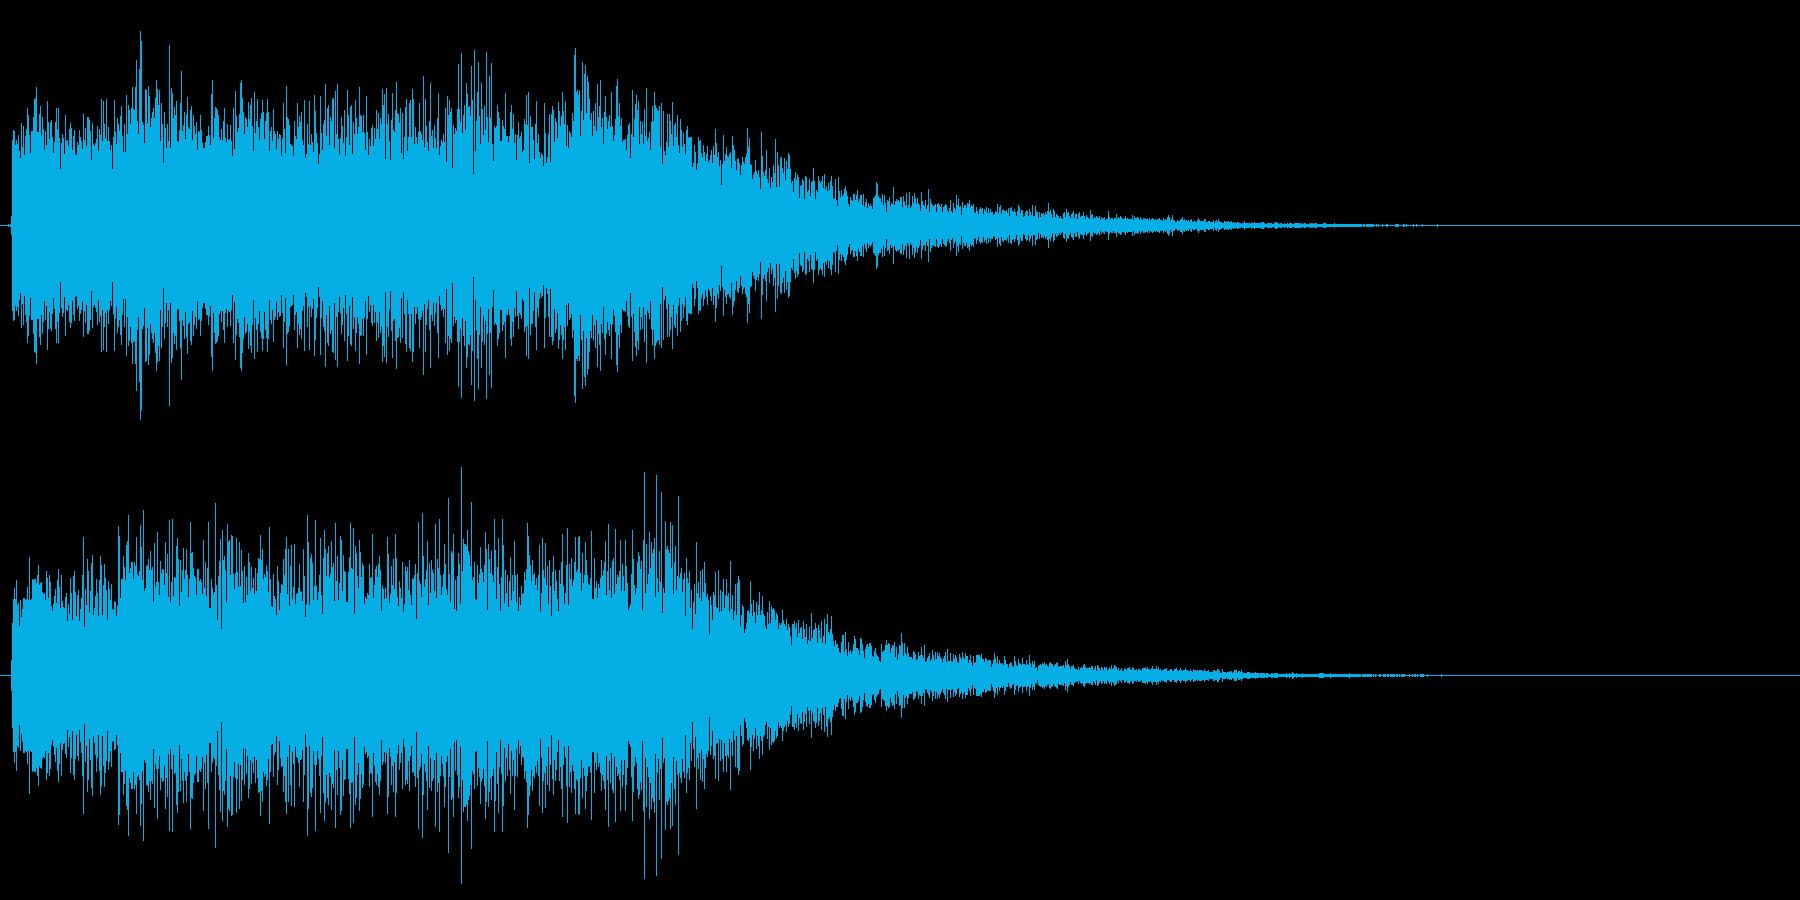 ゲームオーバー音 派手 おおげさな音の再生済みの波形